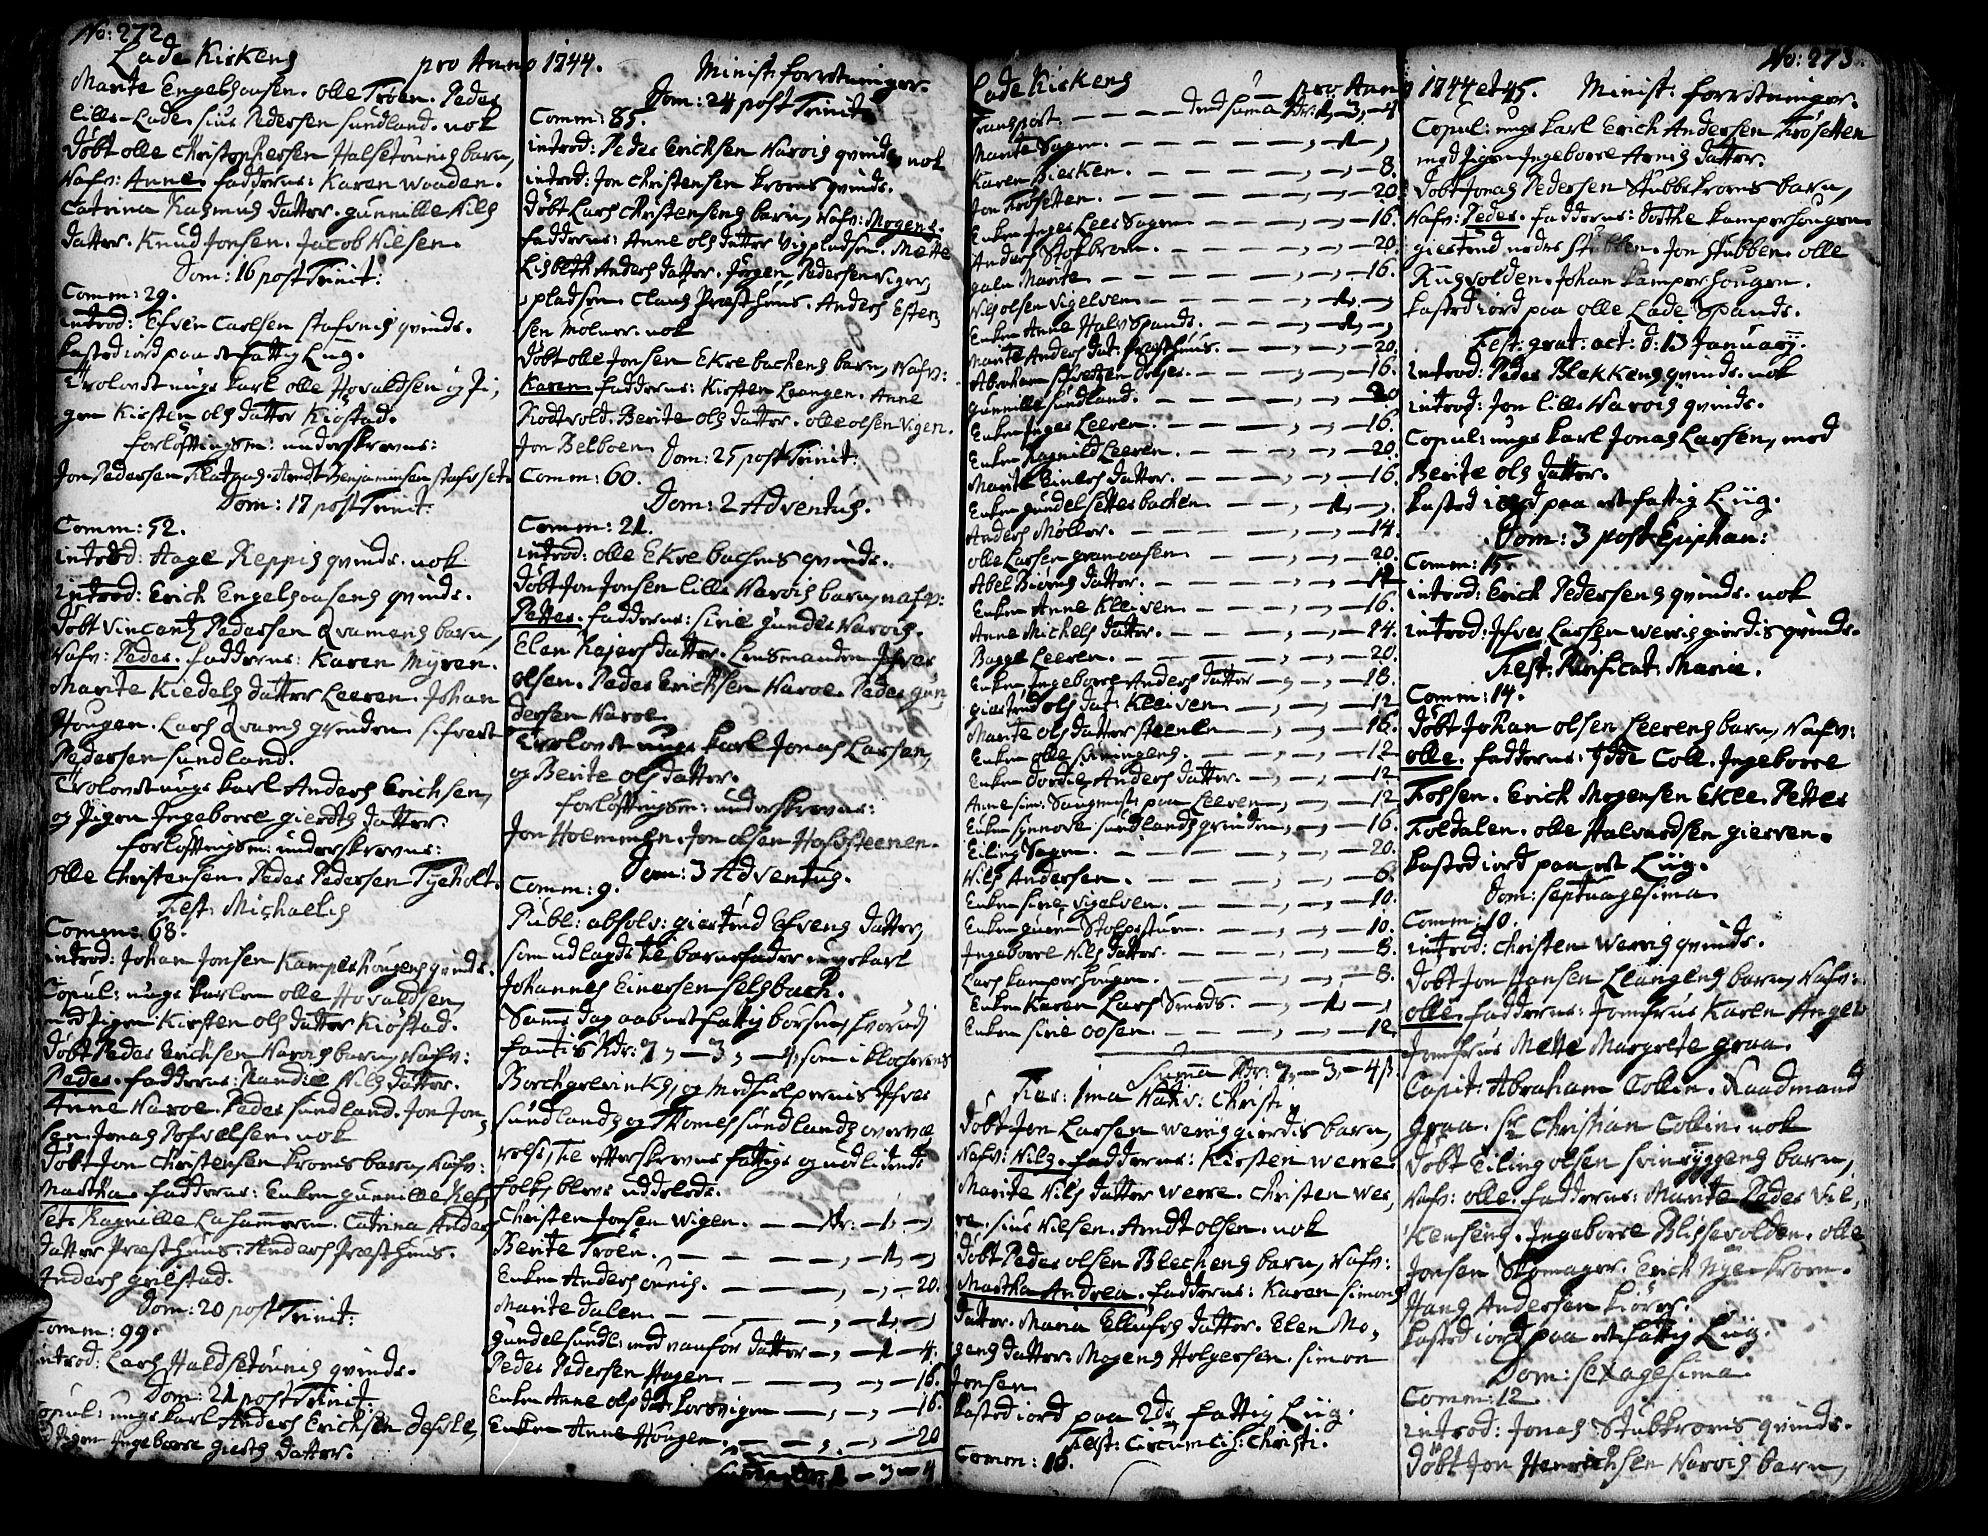 SAT, Ministerialprotokoller, klokkerbøker og fødselsregistre - Sør-Trøndelag, 606/L0275: Ministerialbok nr. 606A01 /1, 1727-1780, s. 272-273